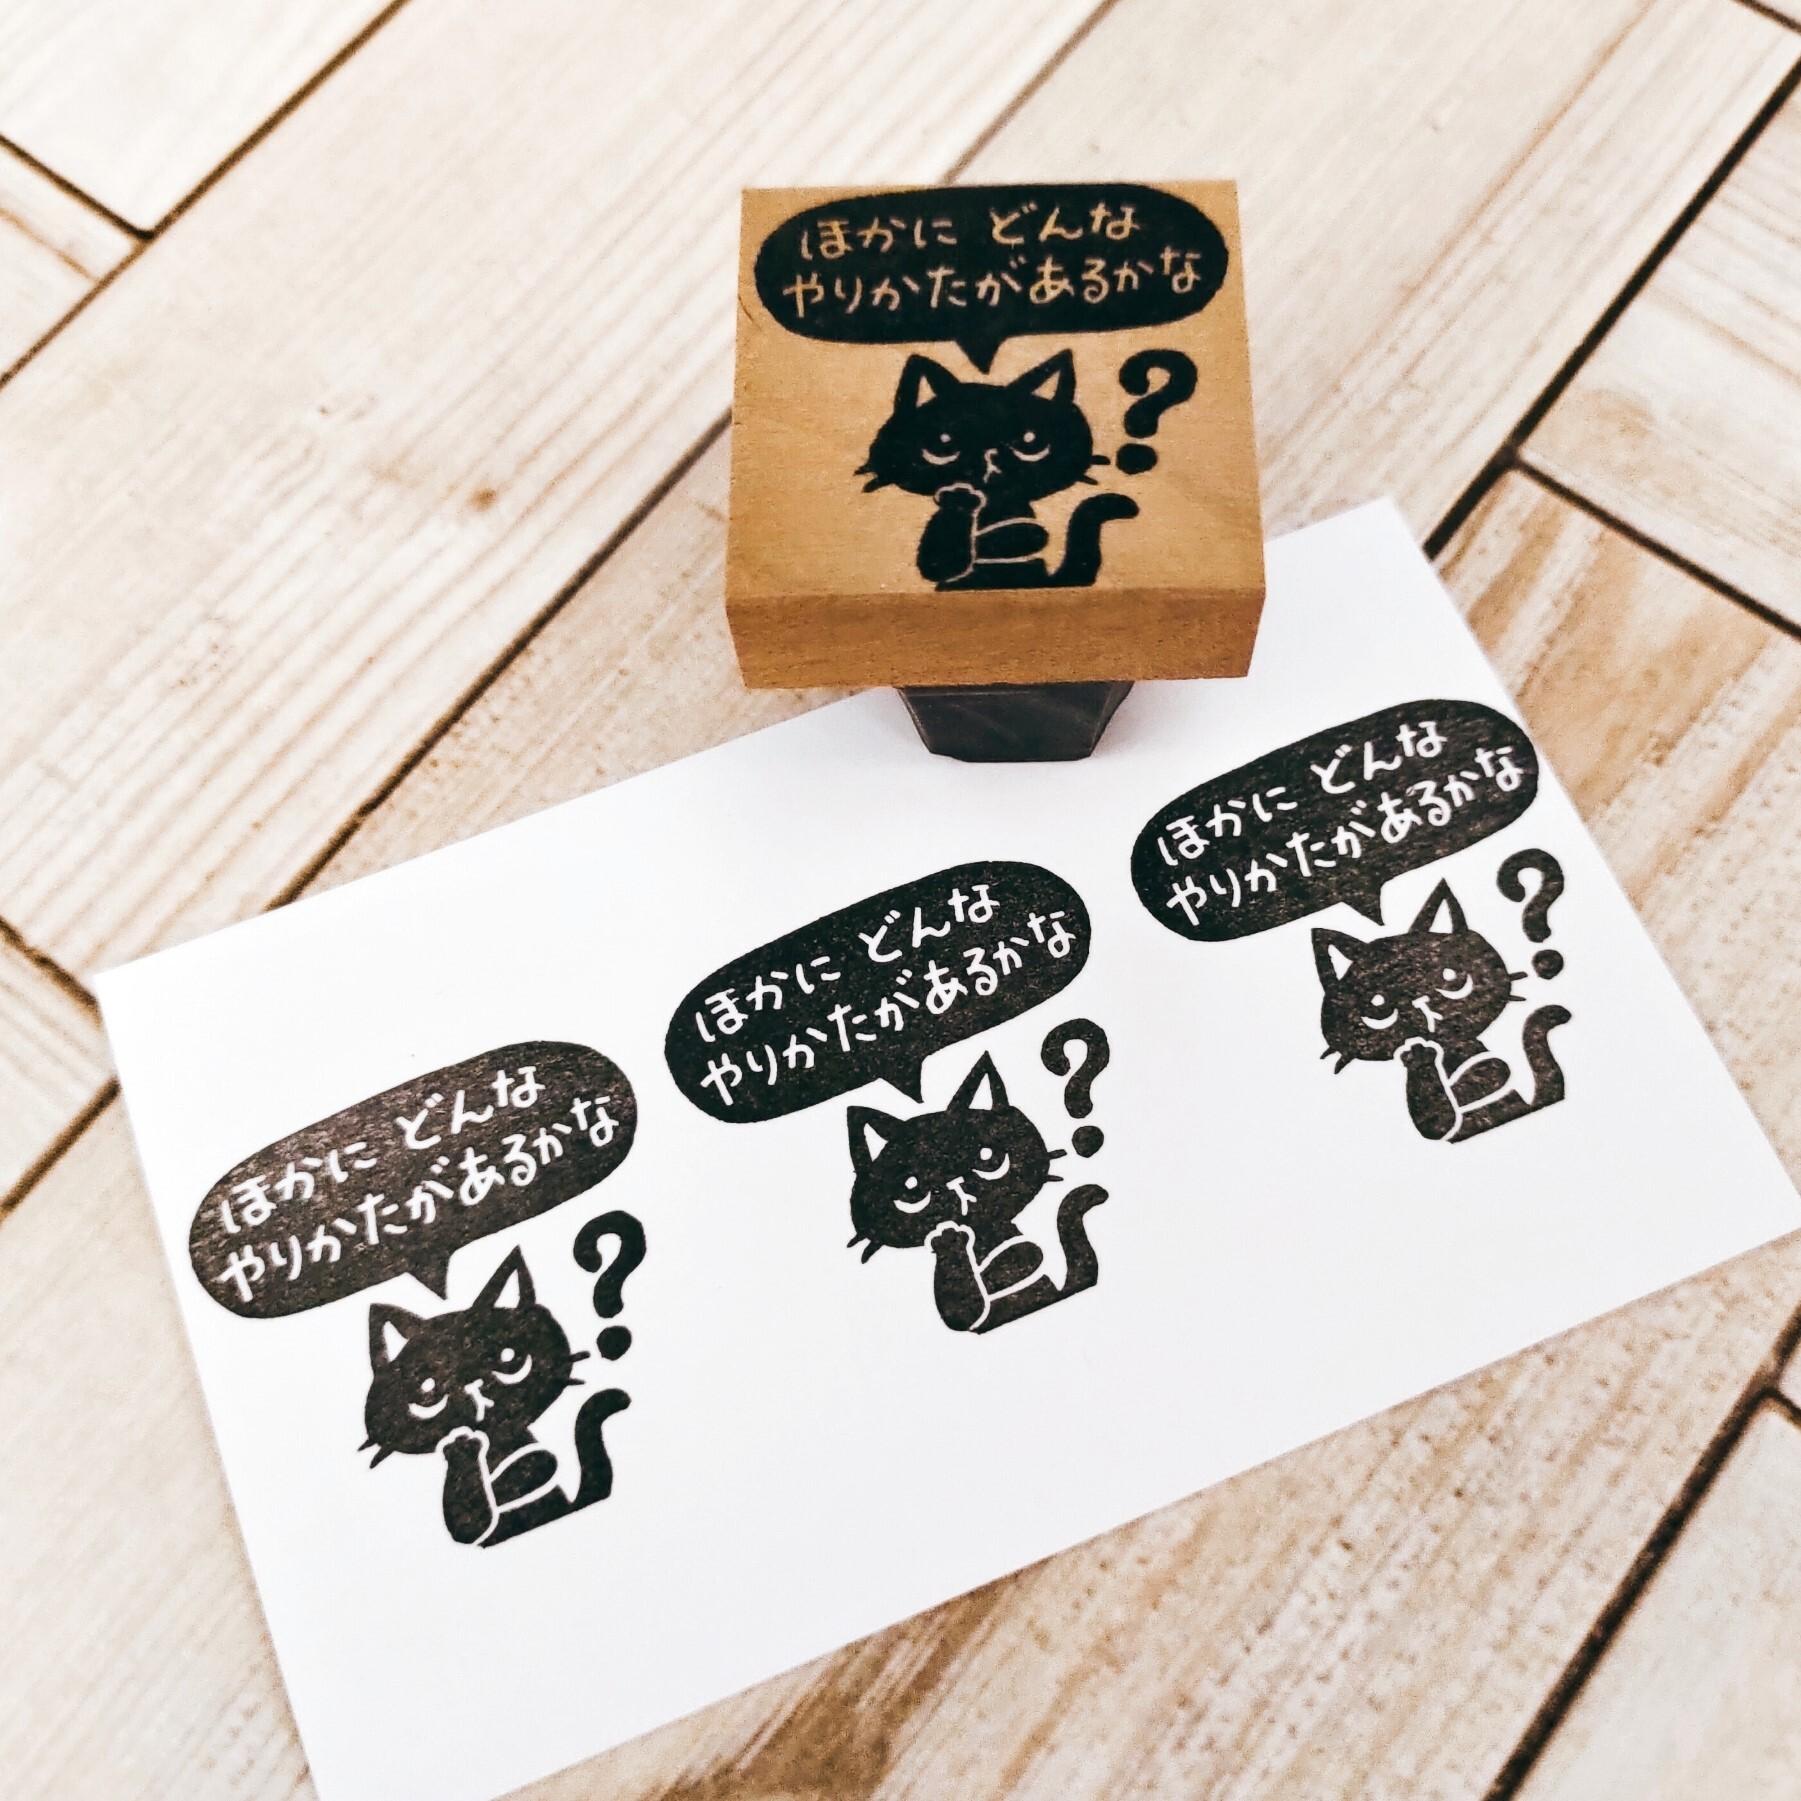 黒猫「ほかにどんなやりかたがあるかな?」